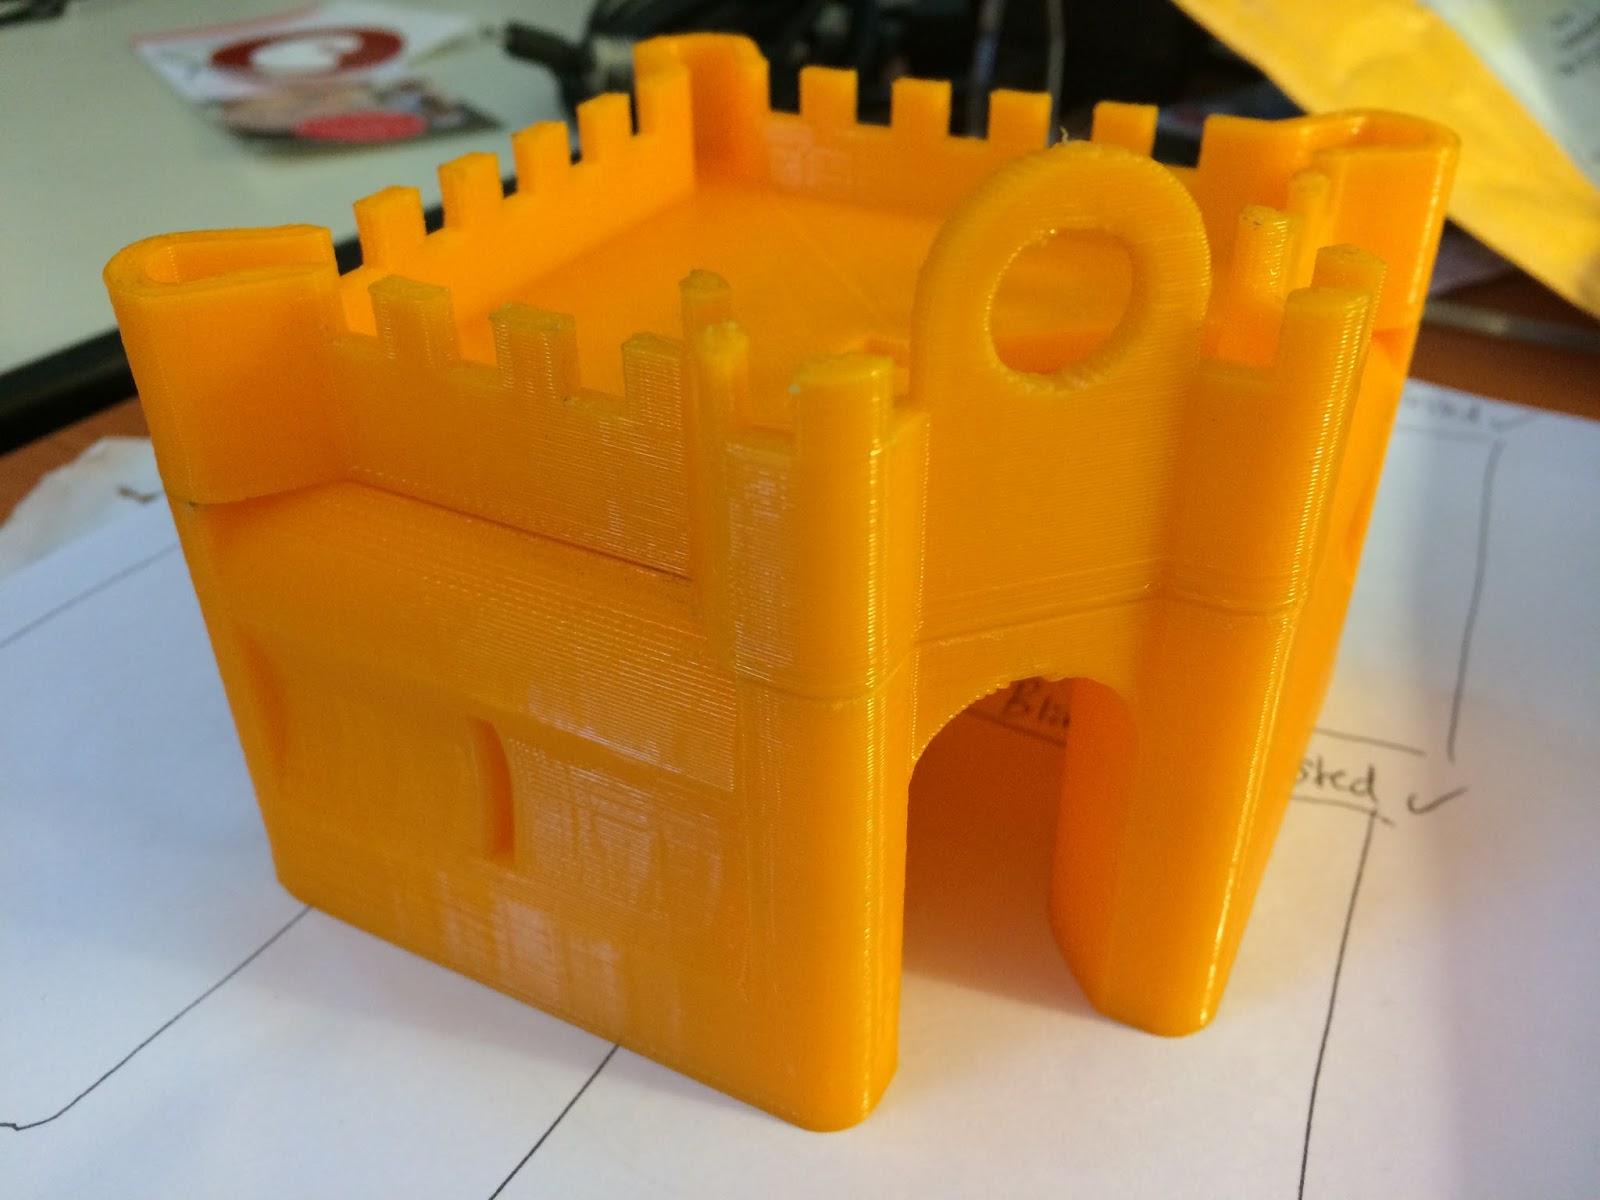 hamster castle 3d print result